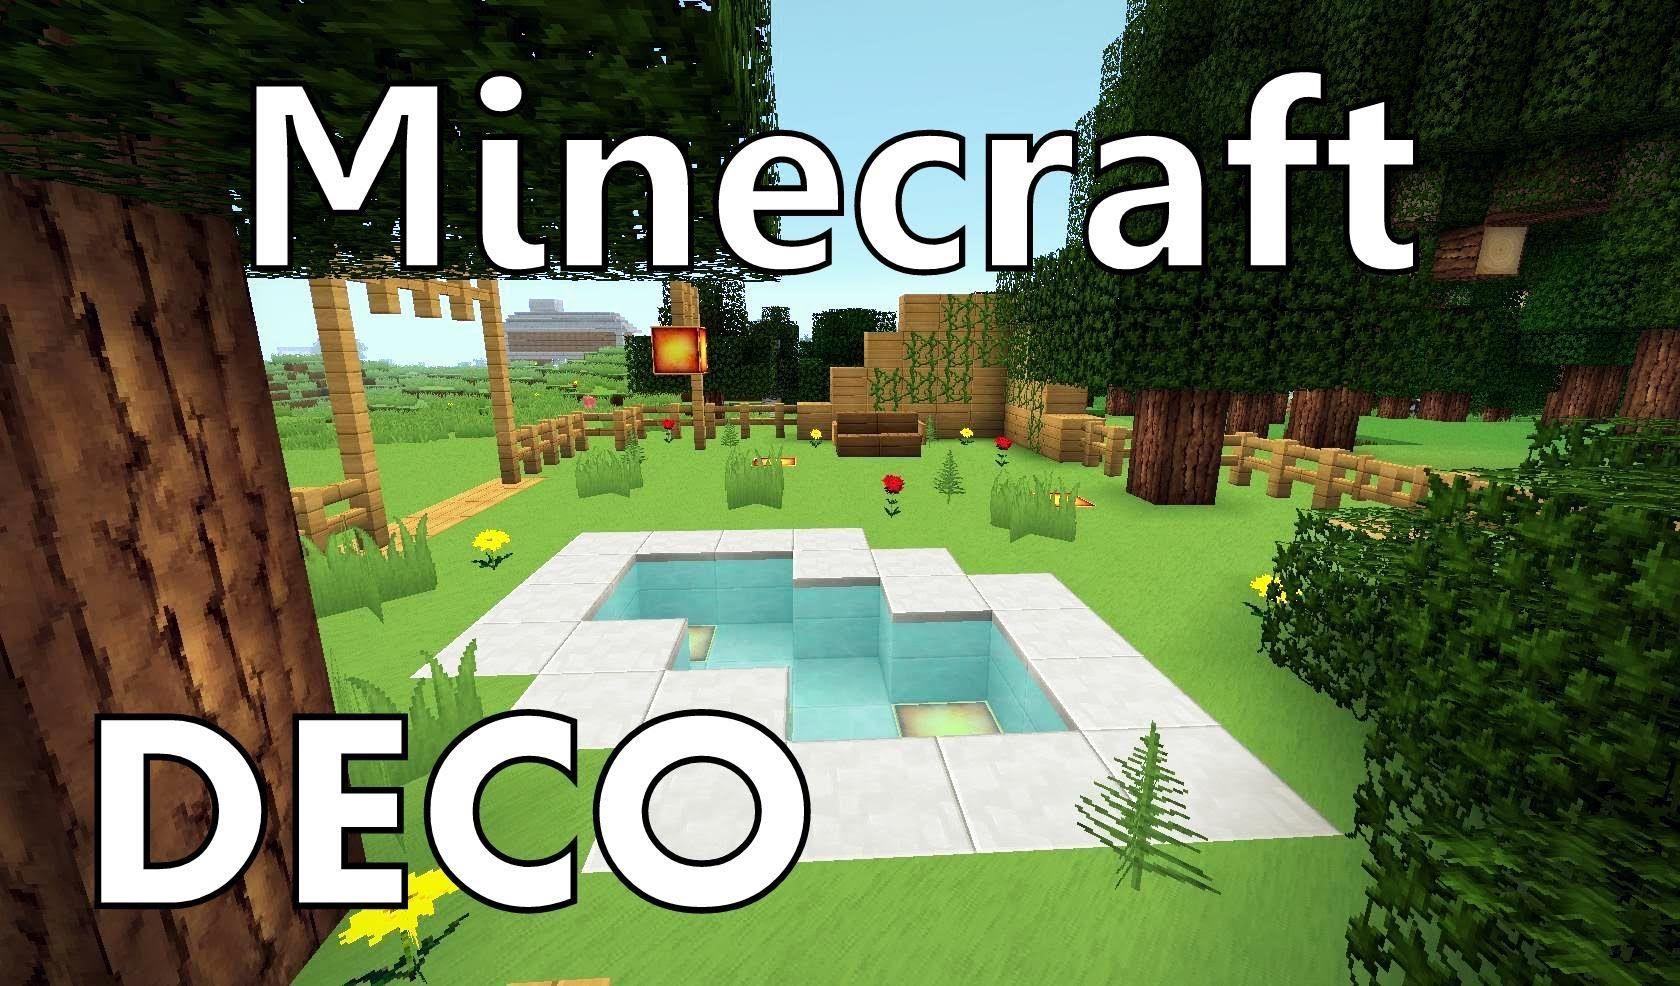 Minecraft : Comment Créer un Beau Jardin | William | Pinterest